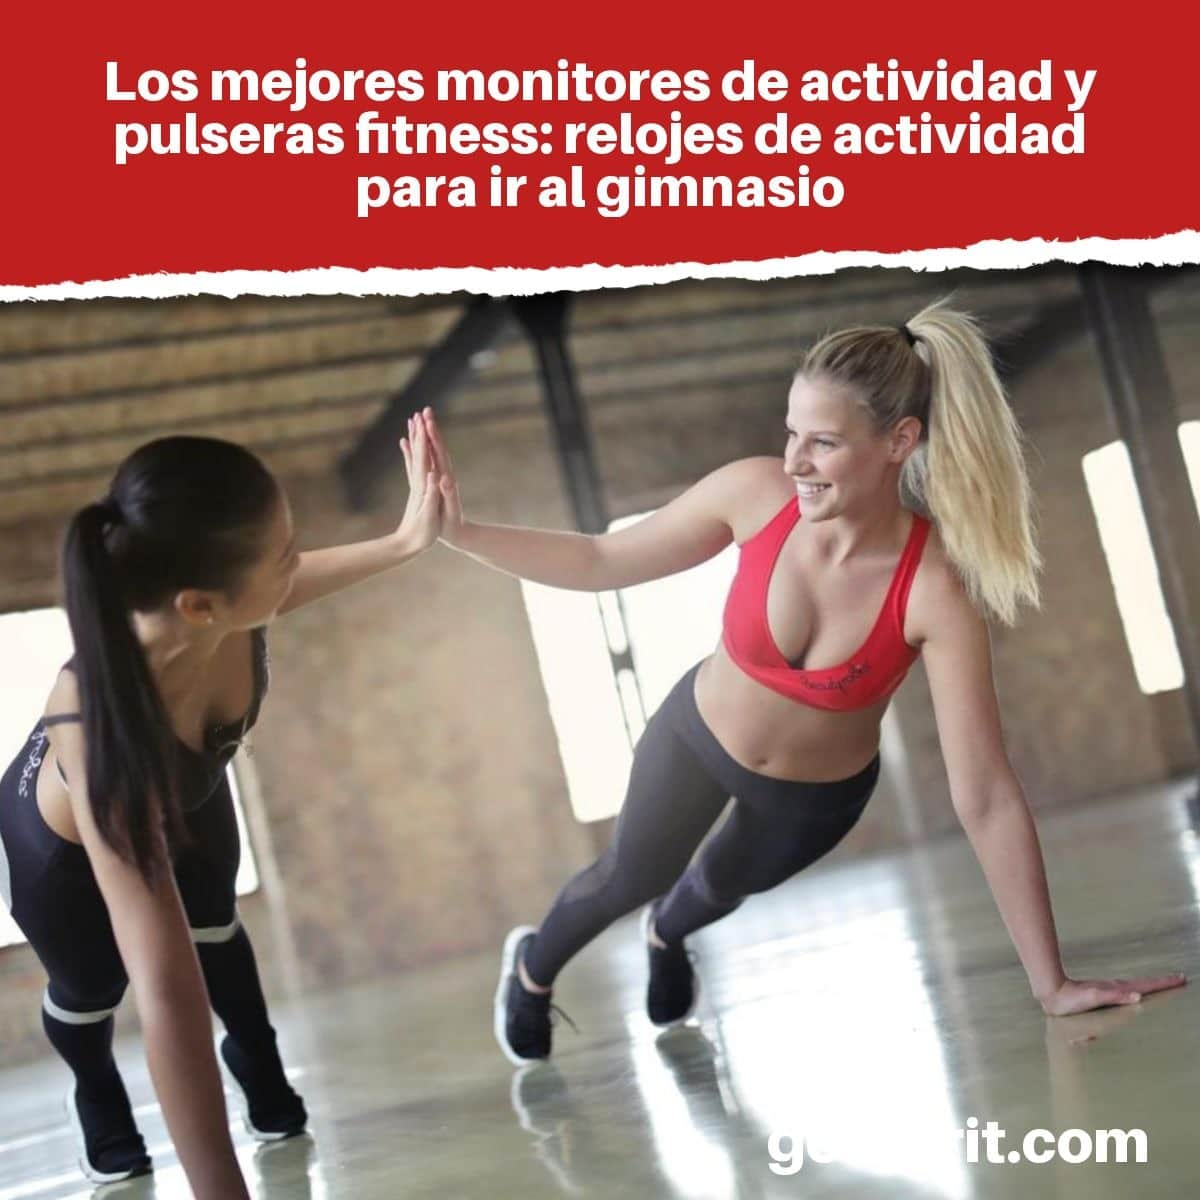 Los 10 mejores monitores de actividad y pulseras fitness: relojes de actividad para ir al gimnasio